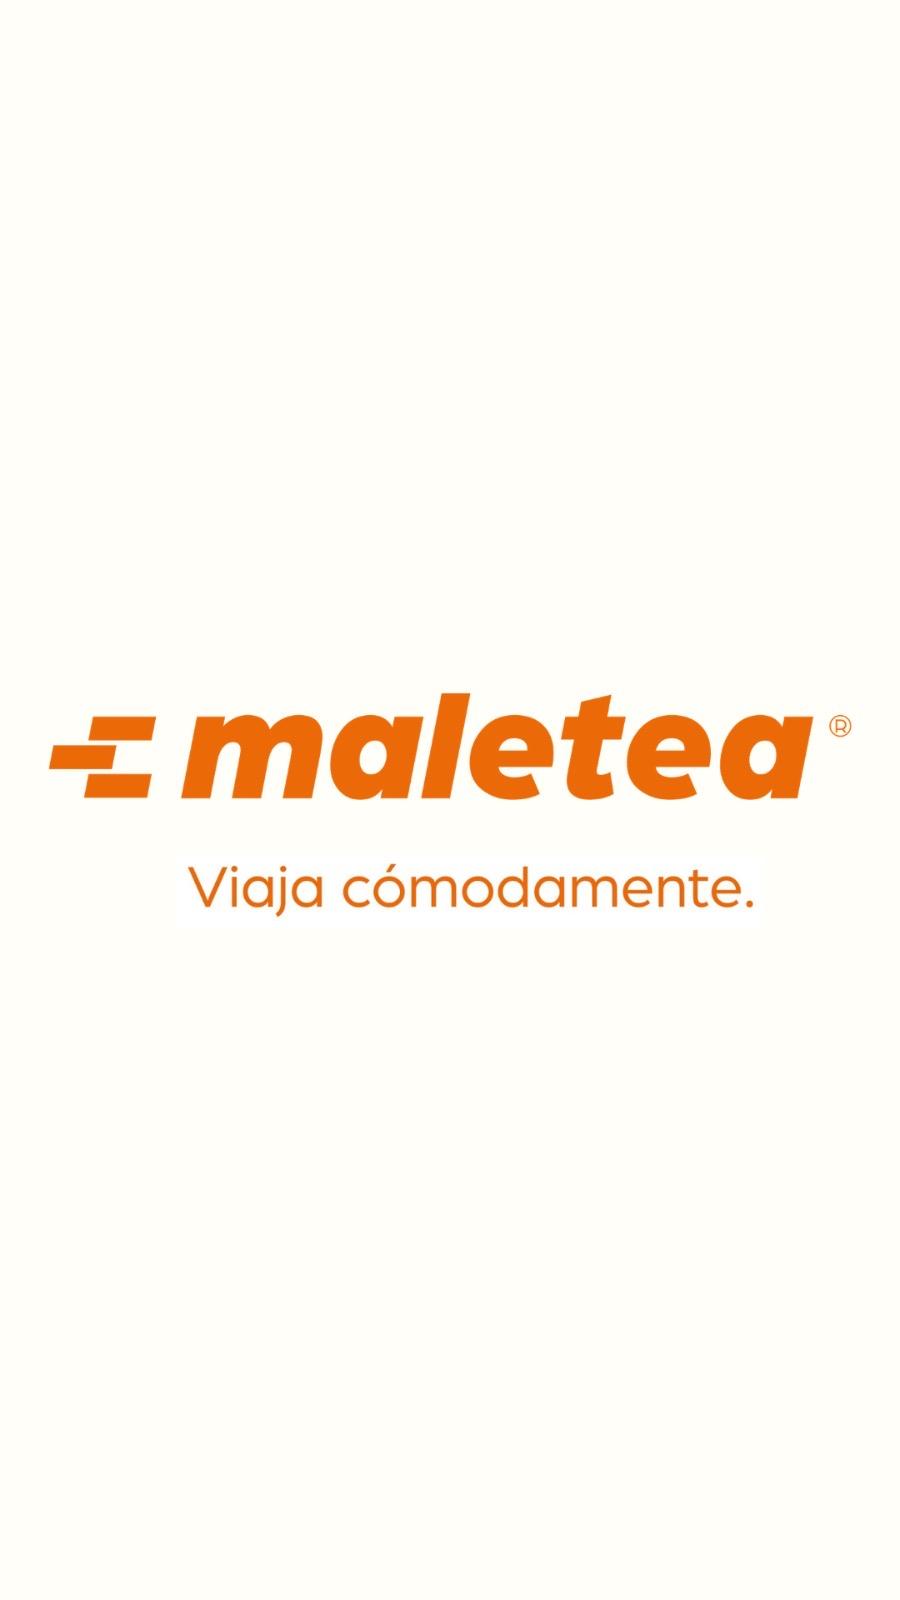 Maletea